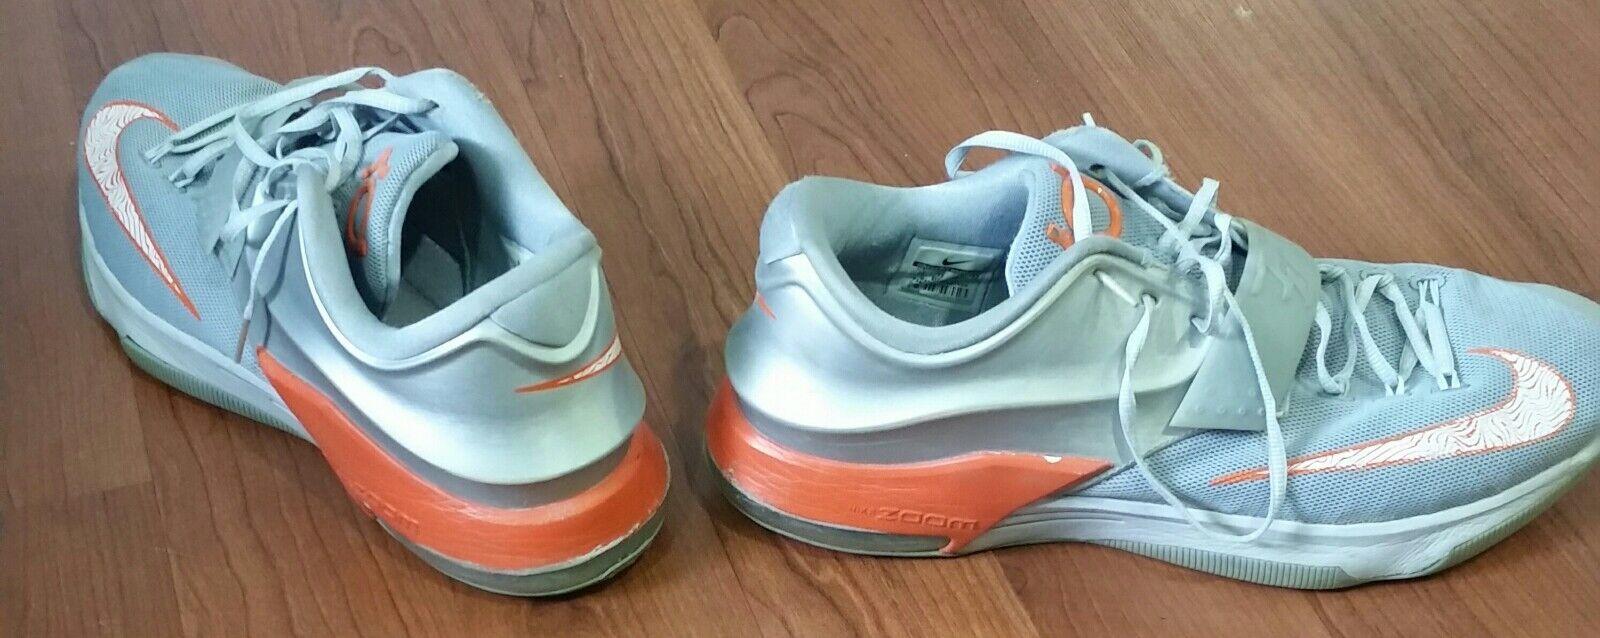 Nike Air Zoom Kevin Durant 7 precios, temporada de recortes de precios, 7 beneficios de descuentos 054bbb